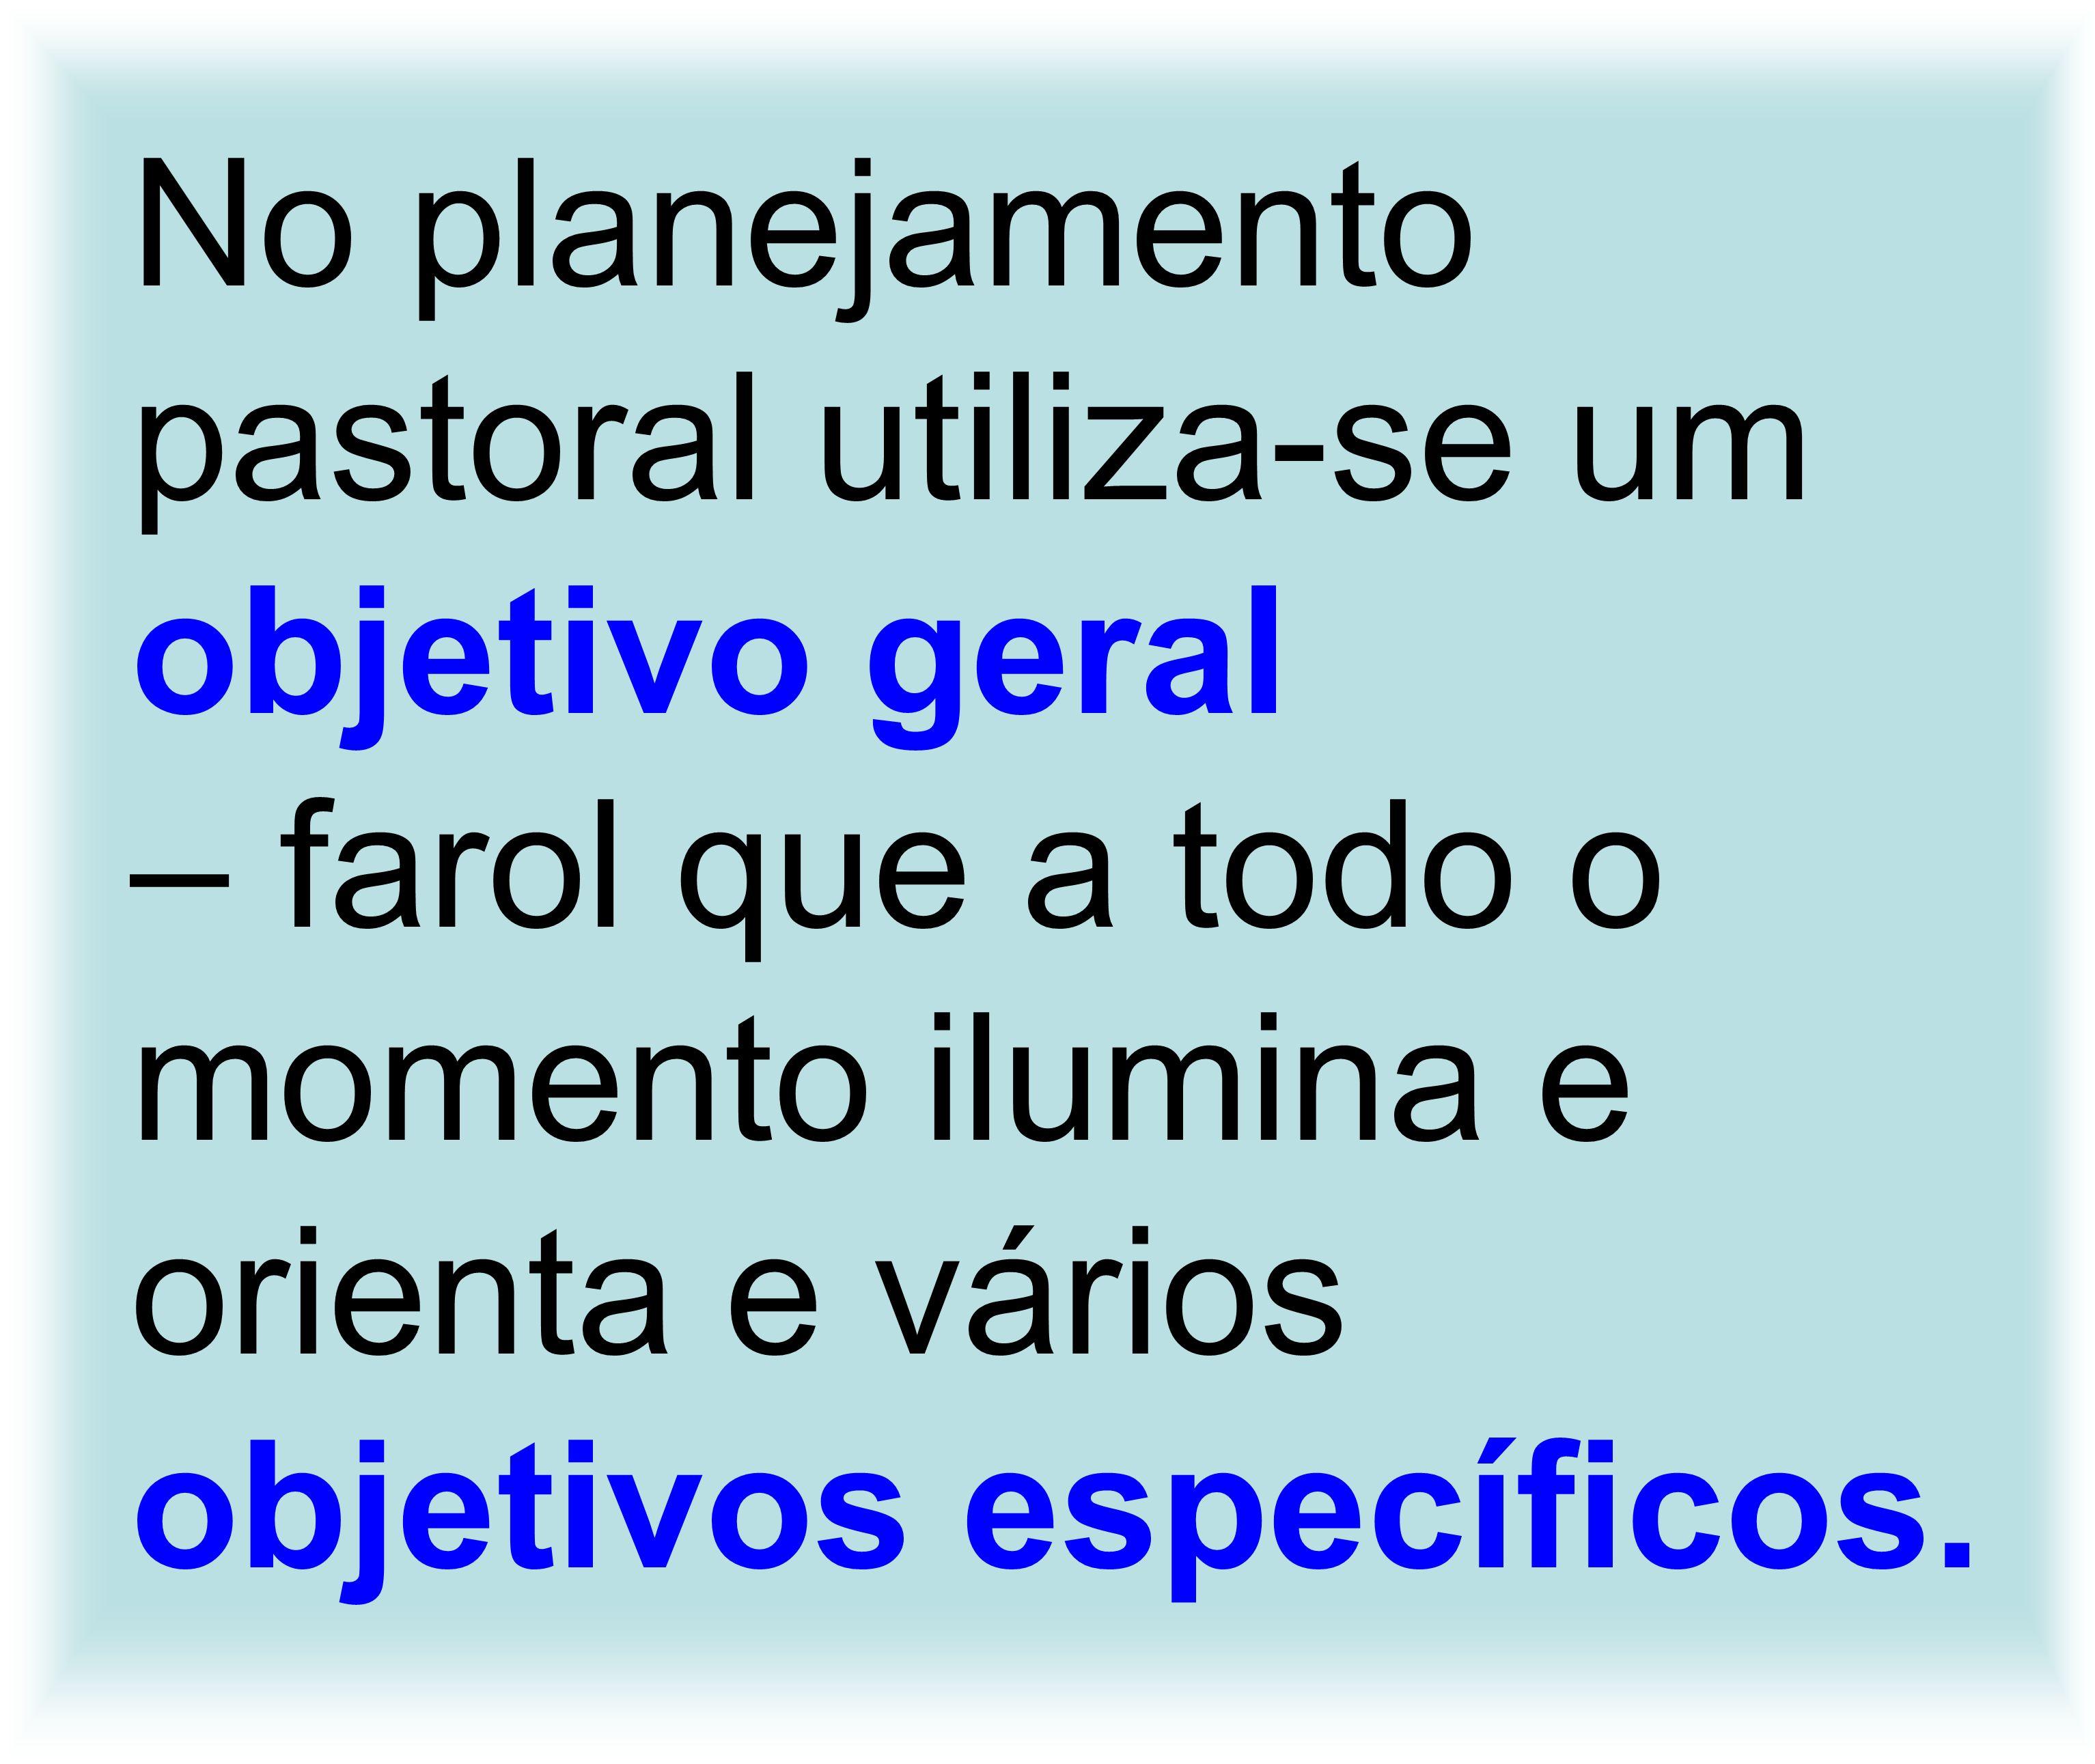 No planejamento pastoral utiliza-se um objetivo geral – farol que a todo o momento ilumina e orienta e vários objetivos específicos.